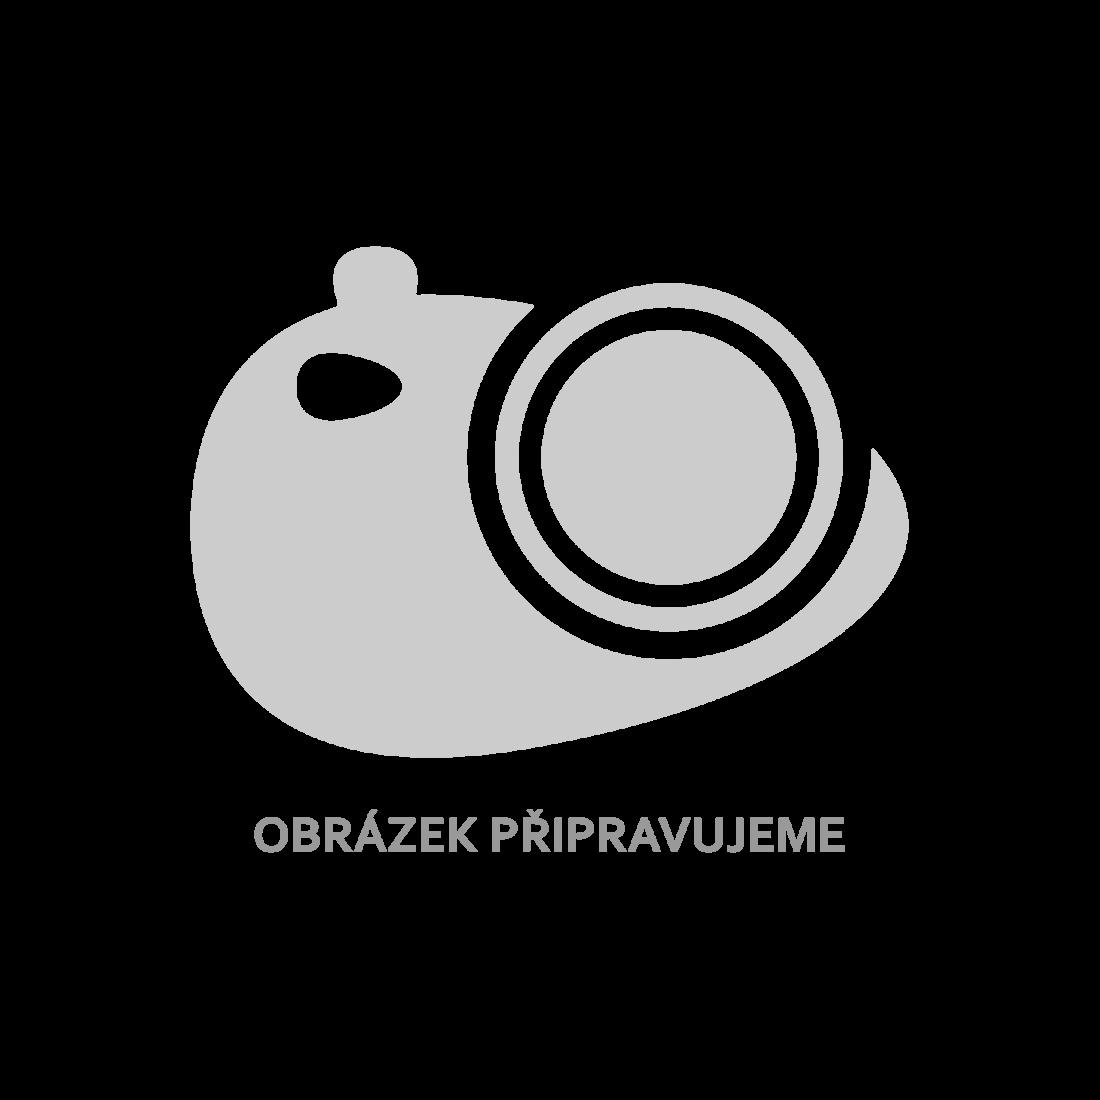 vidaXL Rám postele 4 zásuvky medově hnědý masivní borovice 160x200 cm [3060535]